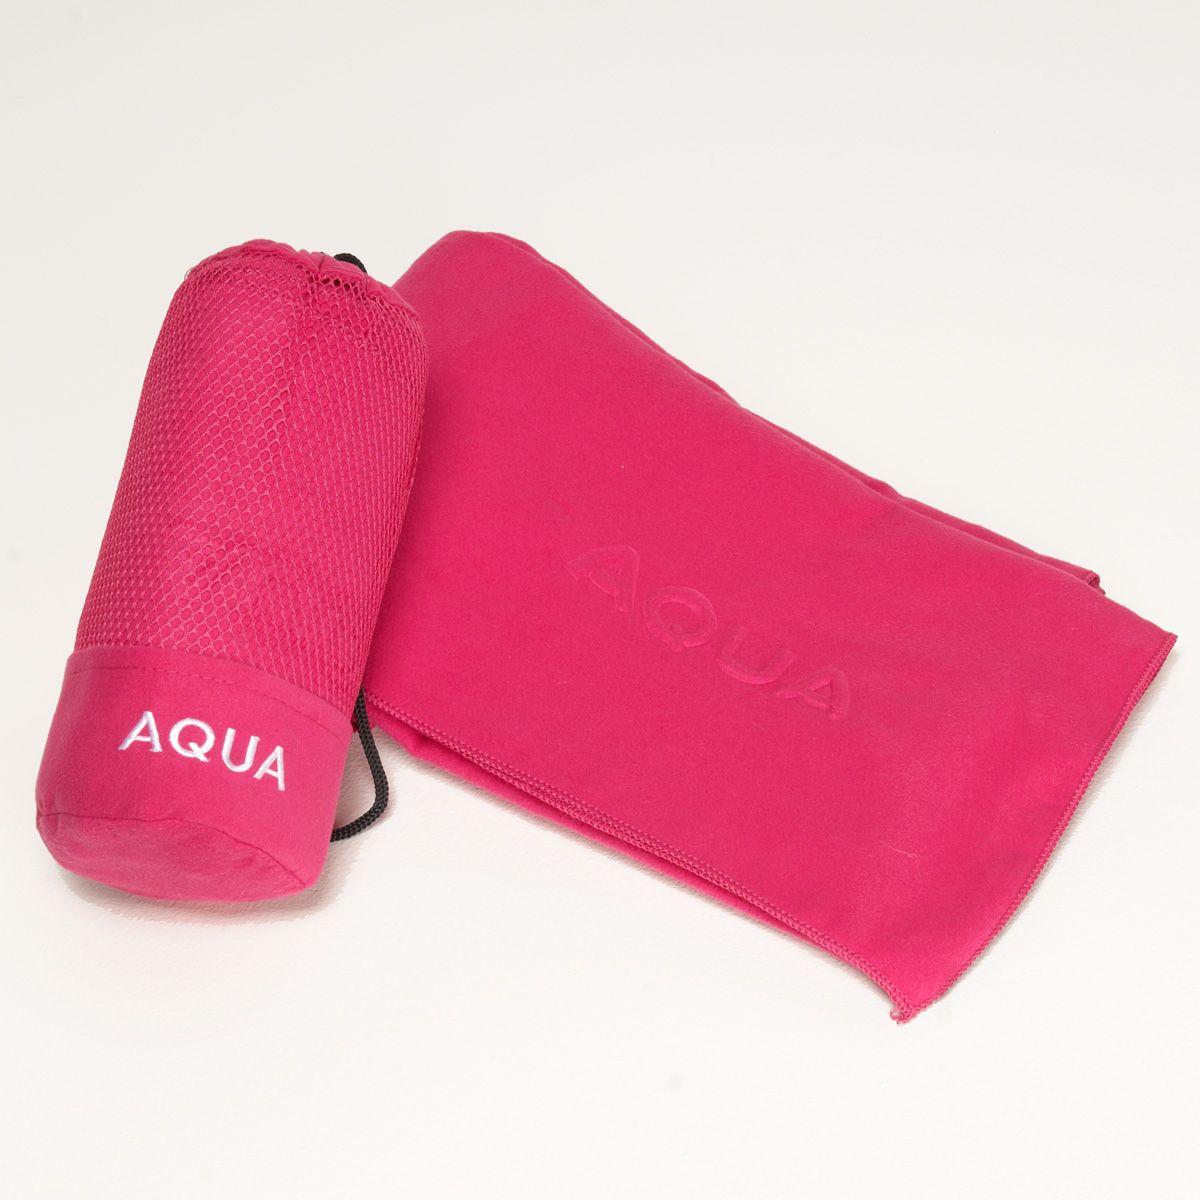 Toalla microfibra aqua rosa microfibra - Toalla albornoz ...